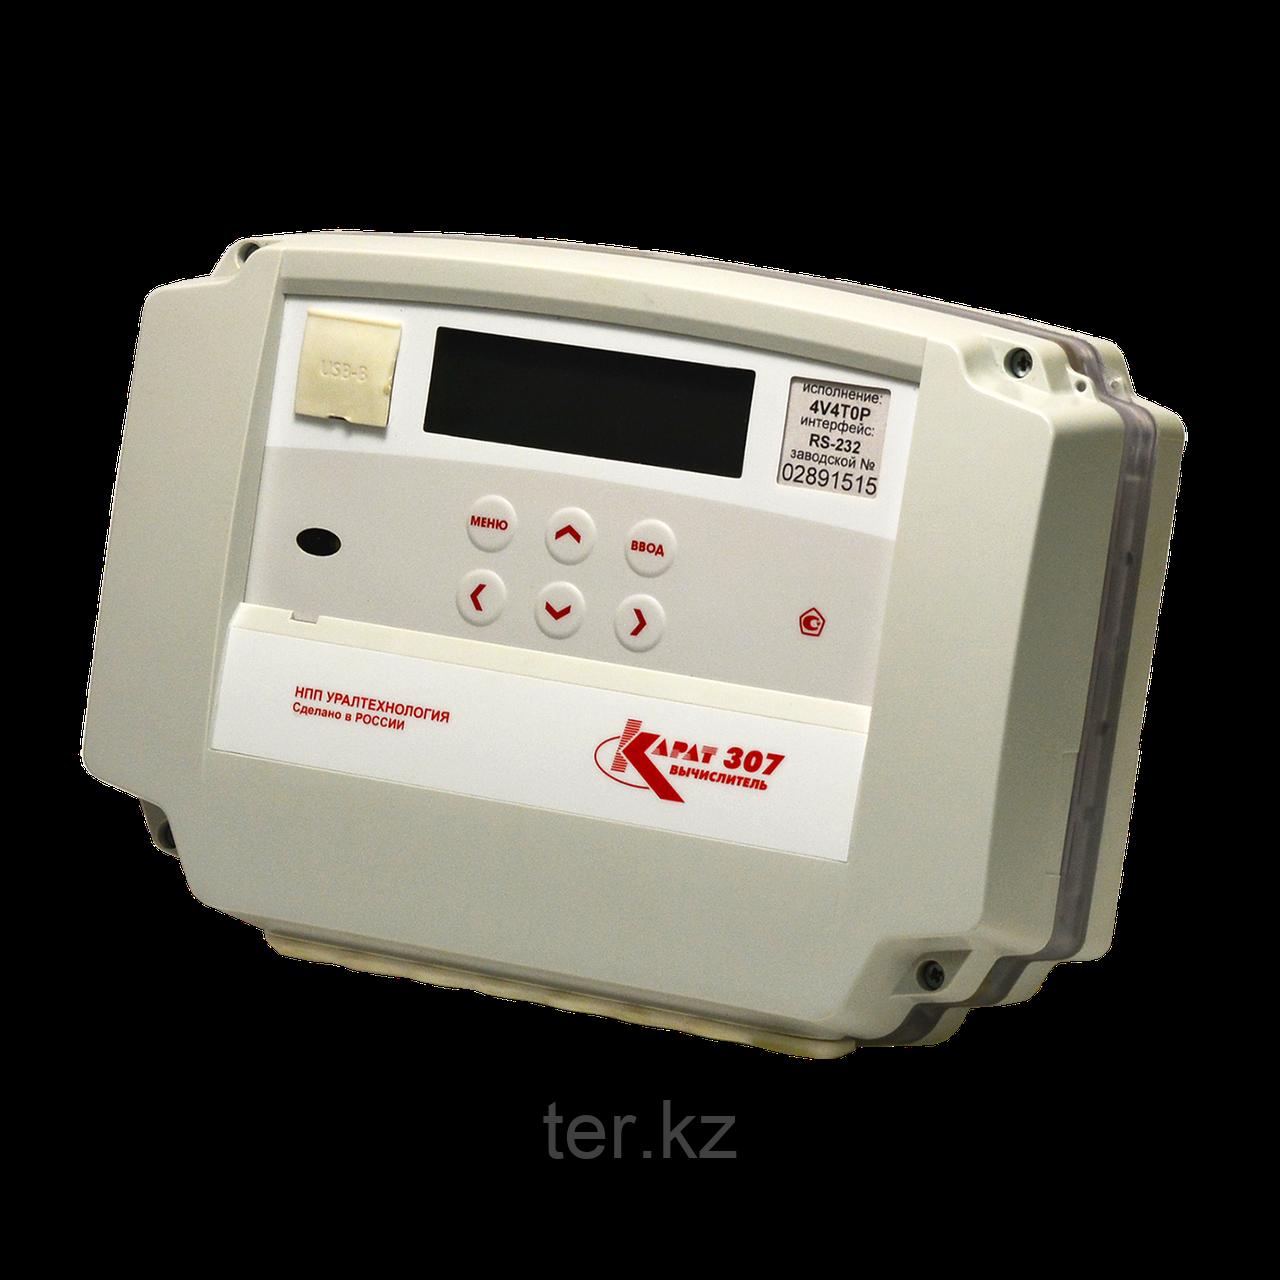 Вычислитель КАРАТ-307-4V4T0P-RS485